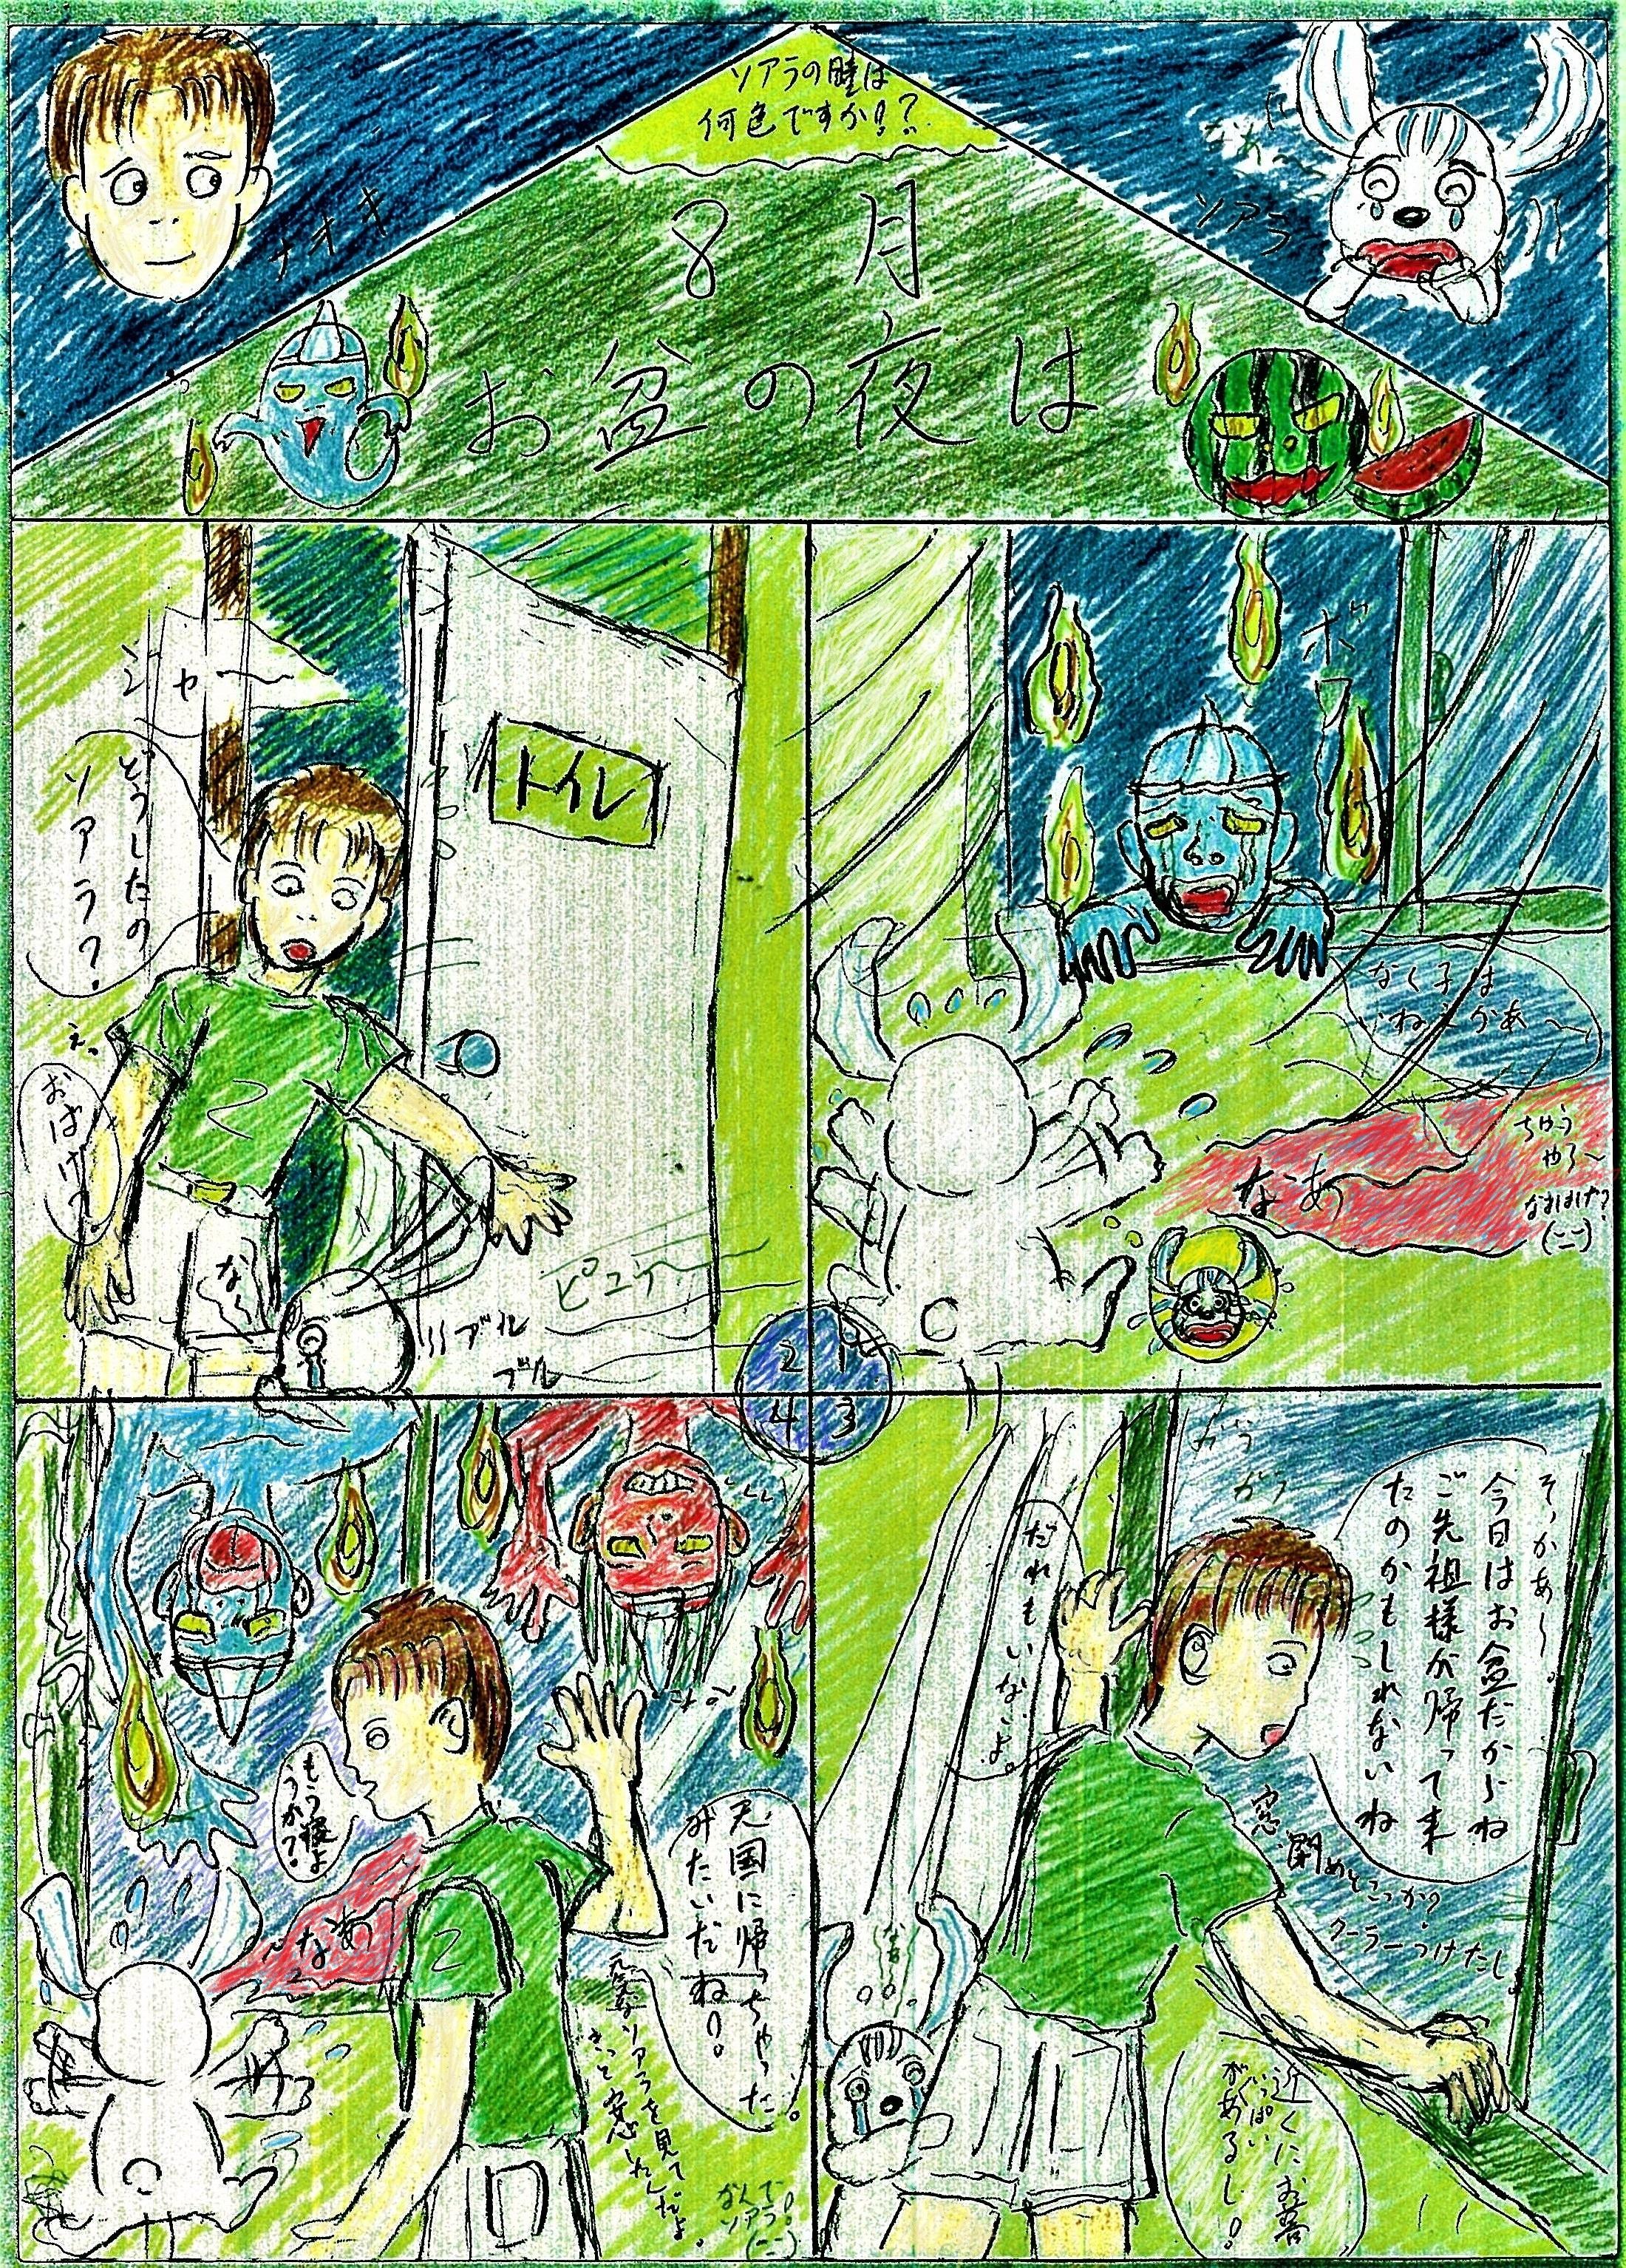 ほのぼのホームコメディー!(ソ